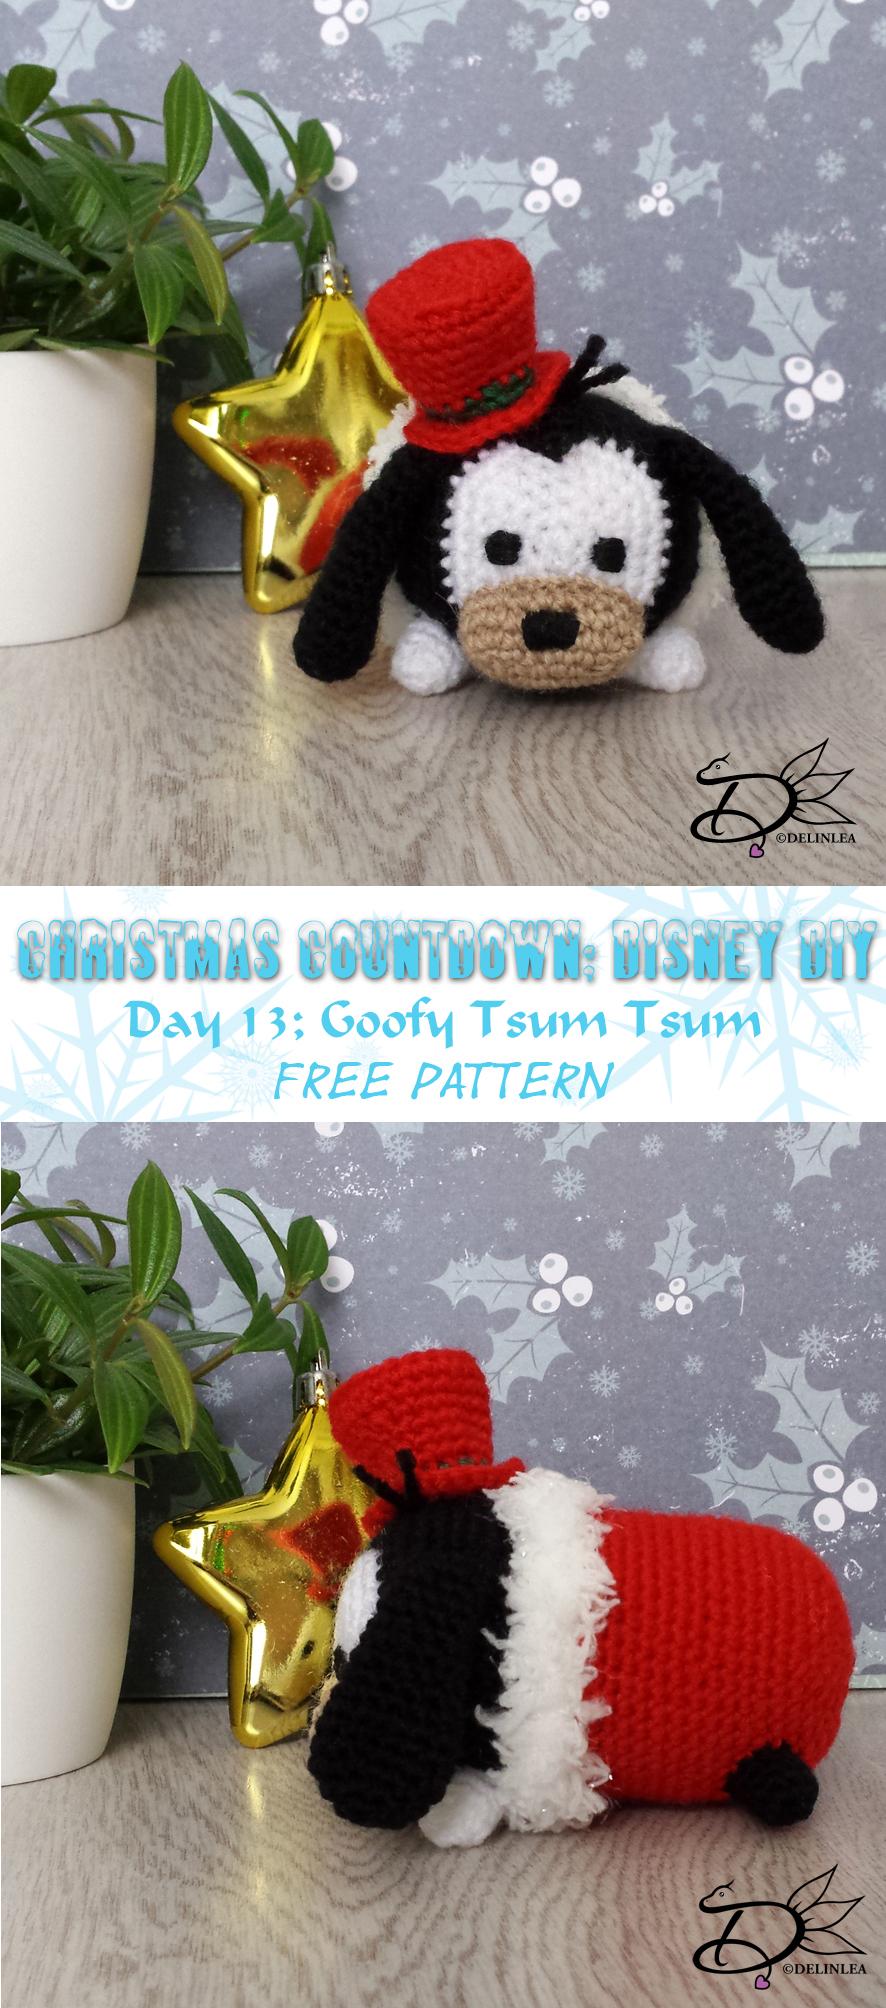 ♥ Day 13: Goofy Tsum Tsum Amigurumi - Delinlea - My little fantasy ...